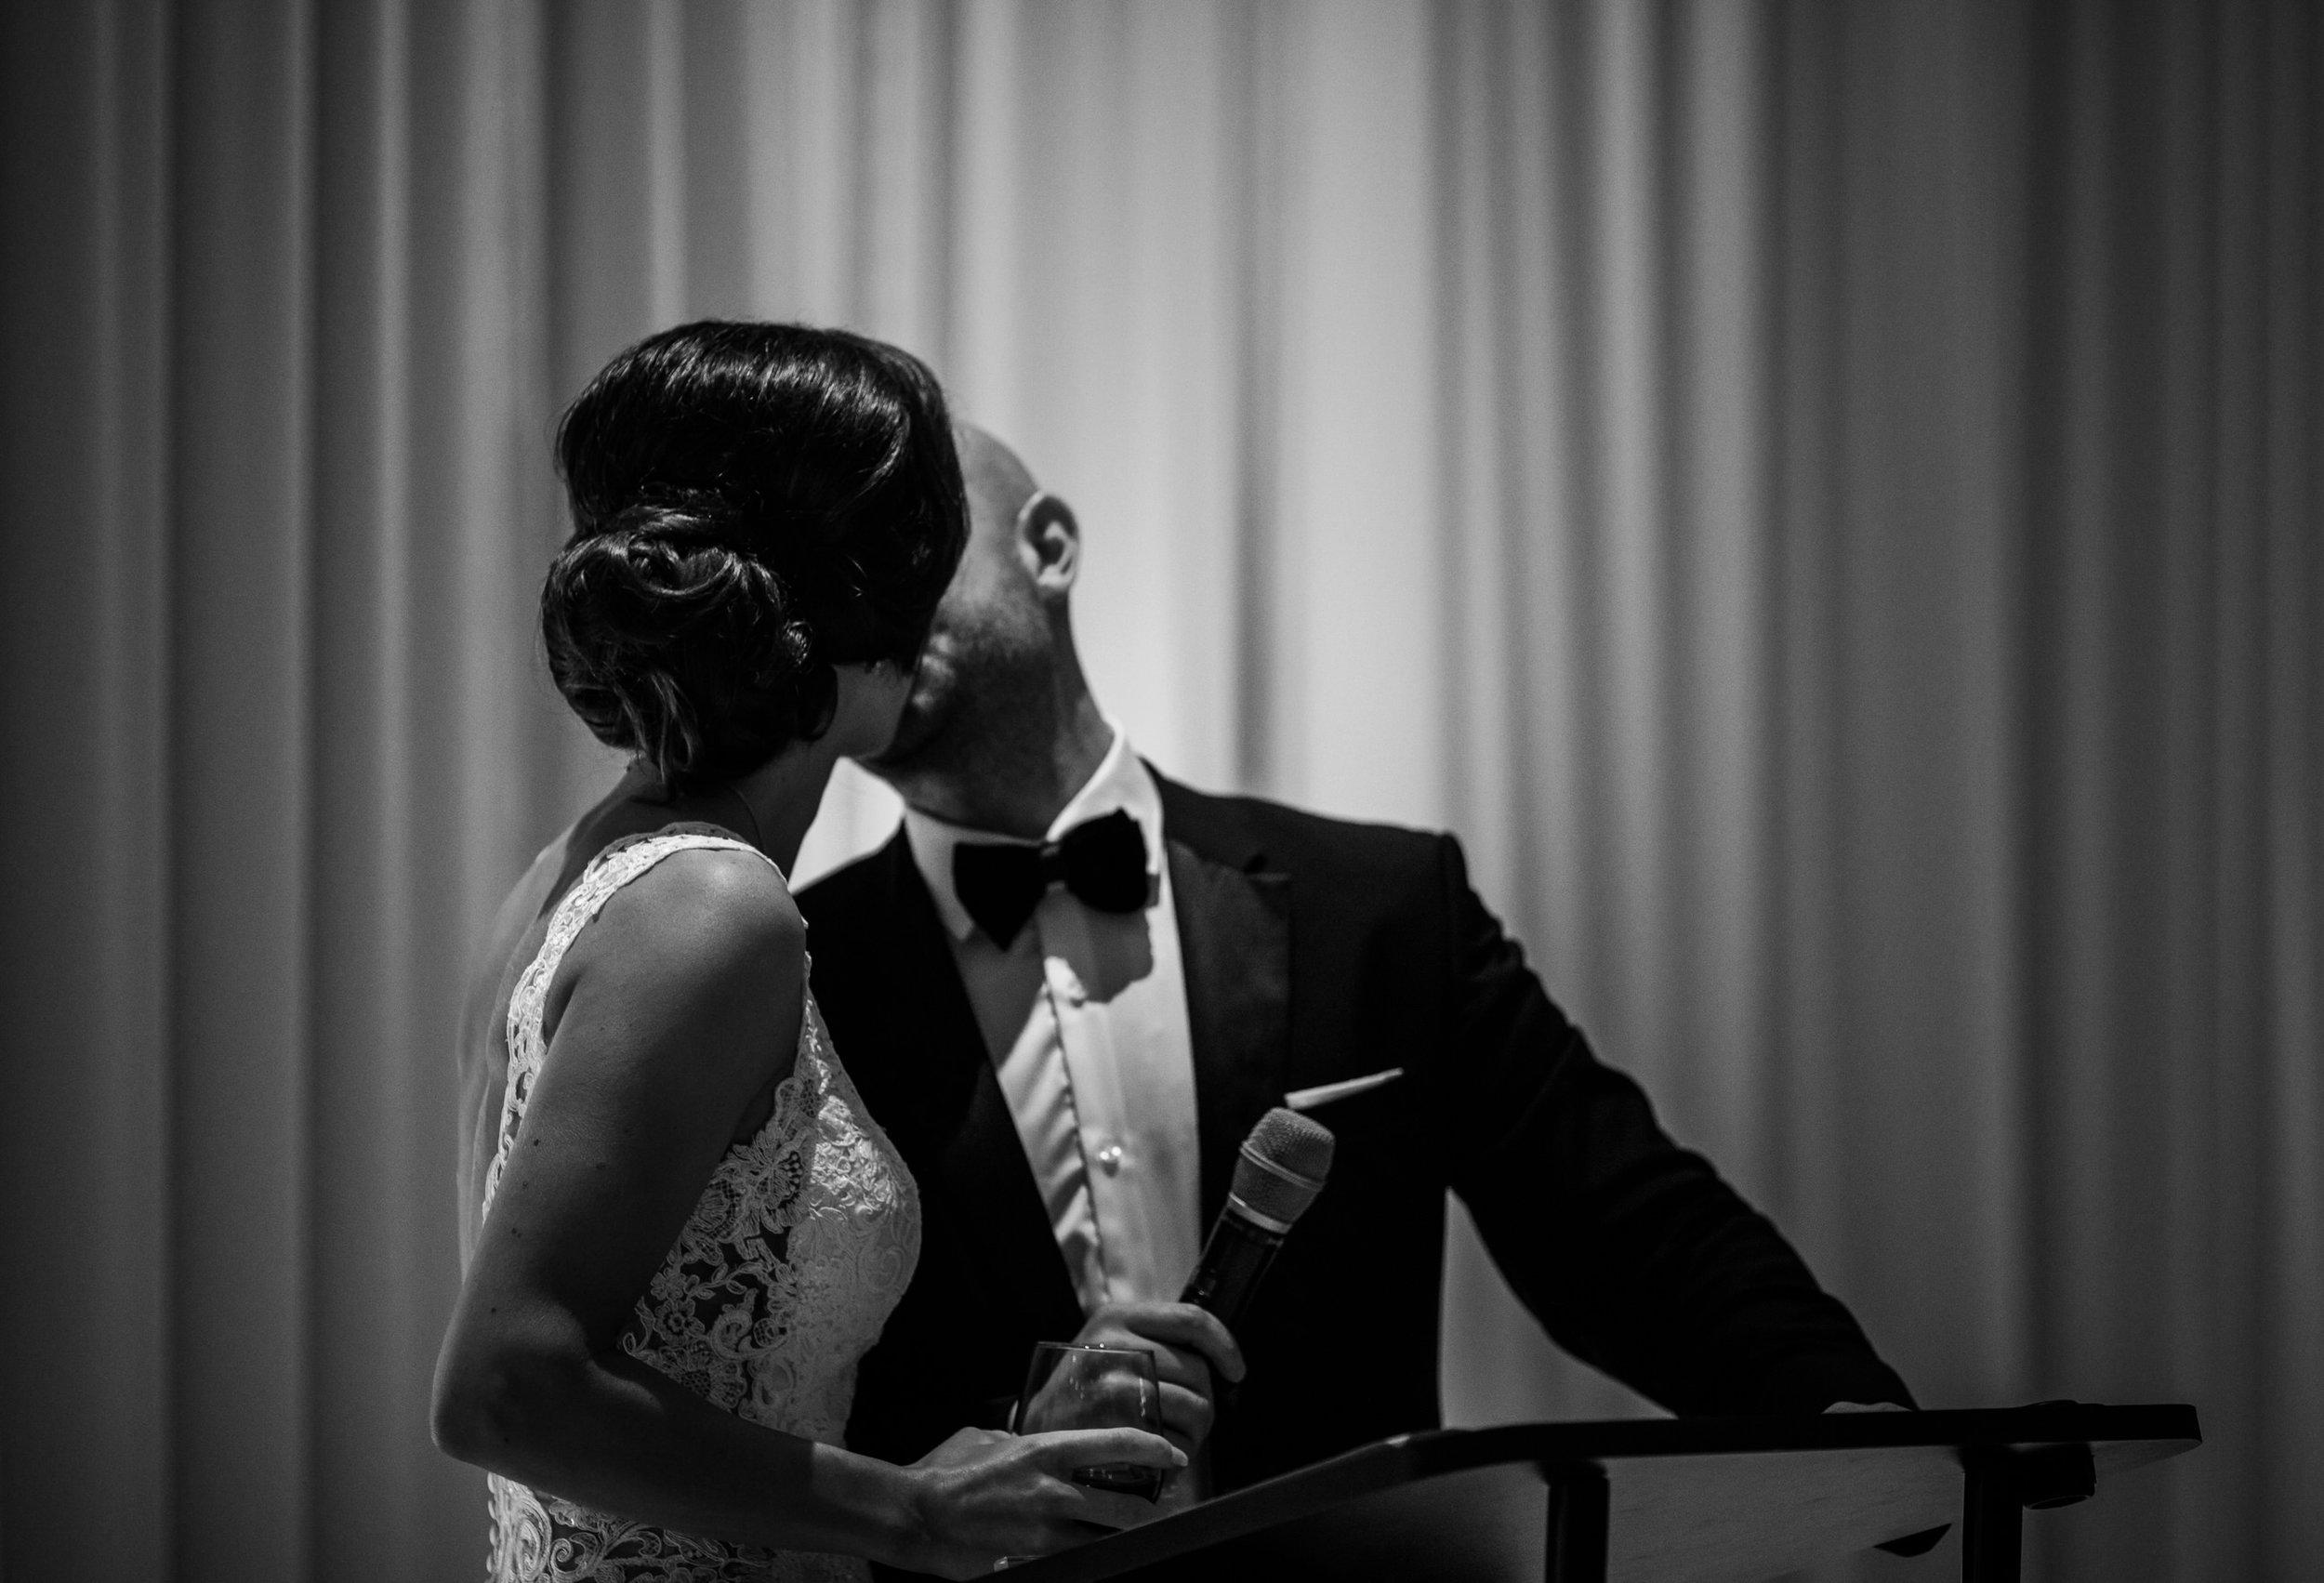 Pitt Meadows Wedding Photographer - Sky Hangar Wedding Photos - Vancouver Wedding Photographer & Videographer - Sunshine Coast Wedding Photos - Sunshine Coast Wedding Photographer - Jennifer Picard Photography - 1A5A3354.jpg